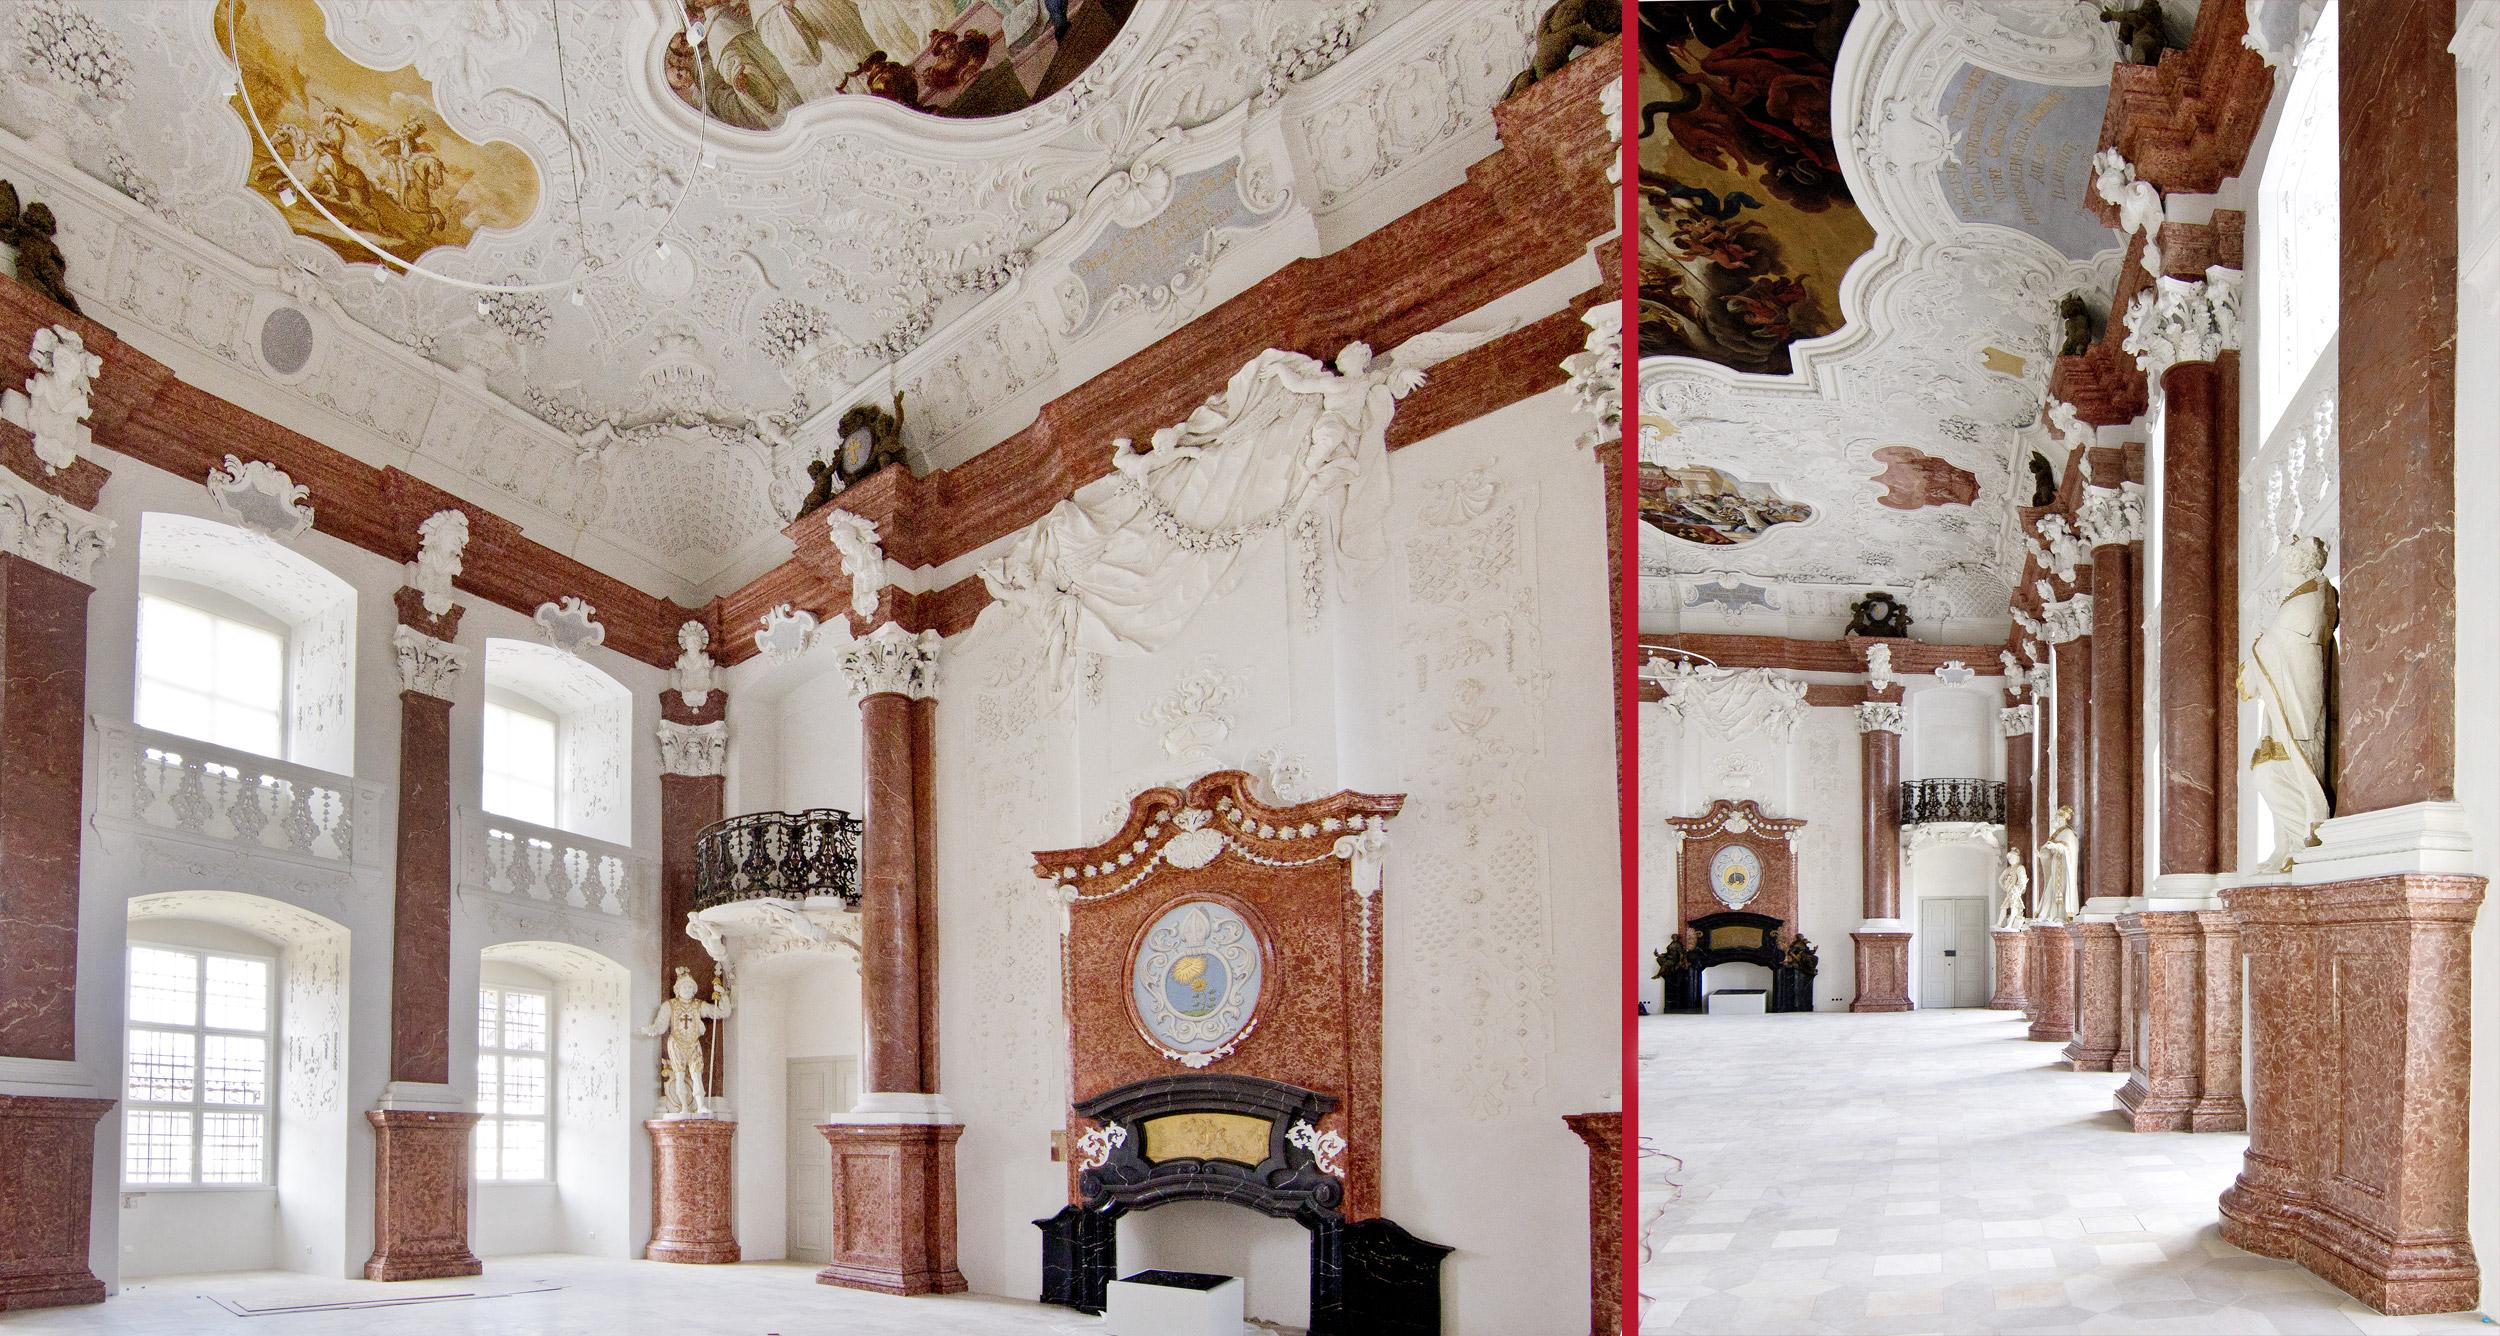 Impressionen aus dem Kaisersaal nach der Restaurierung